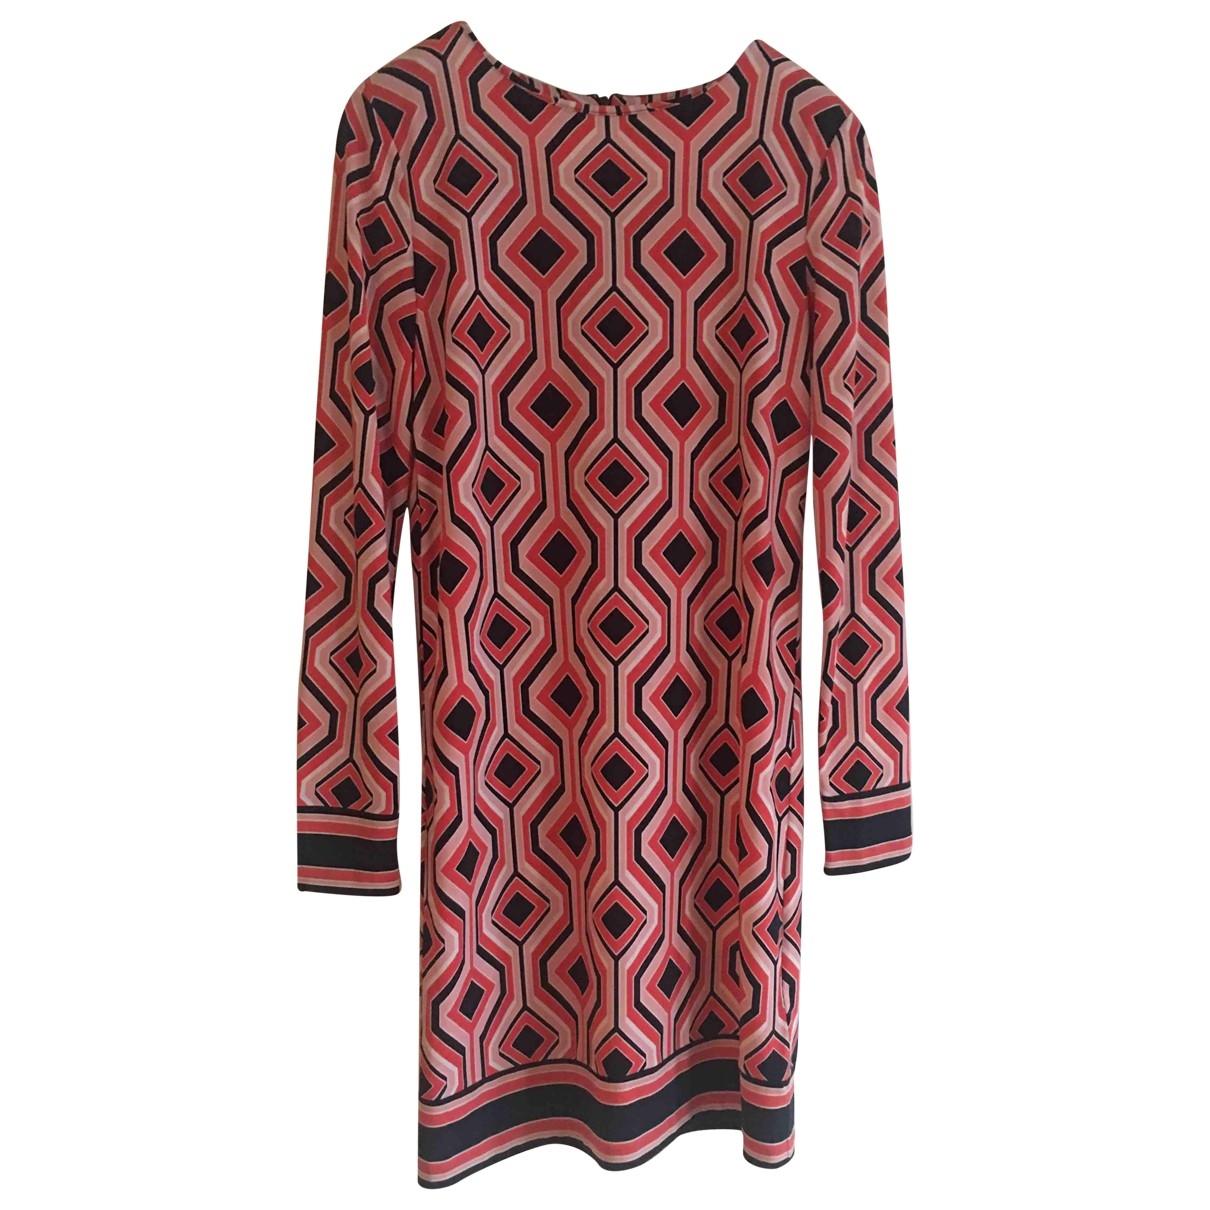 Michael Kors \N Multicolour dress for Women S International